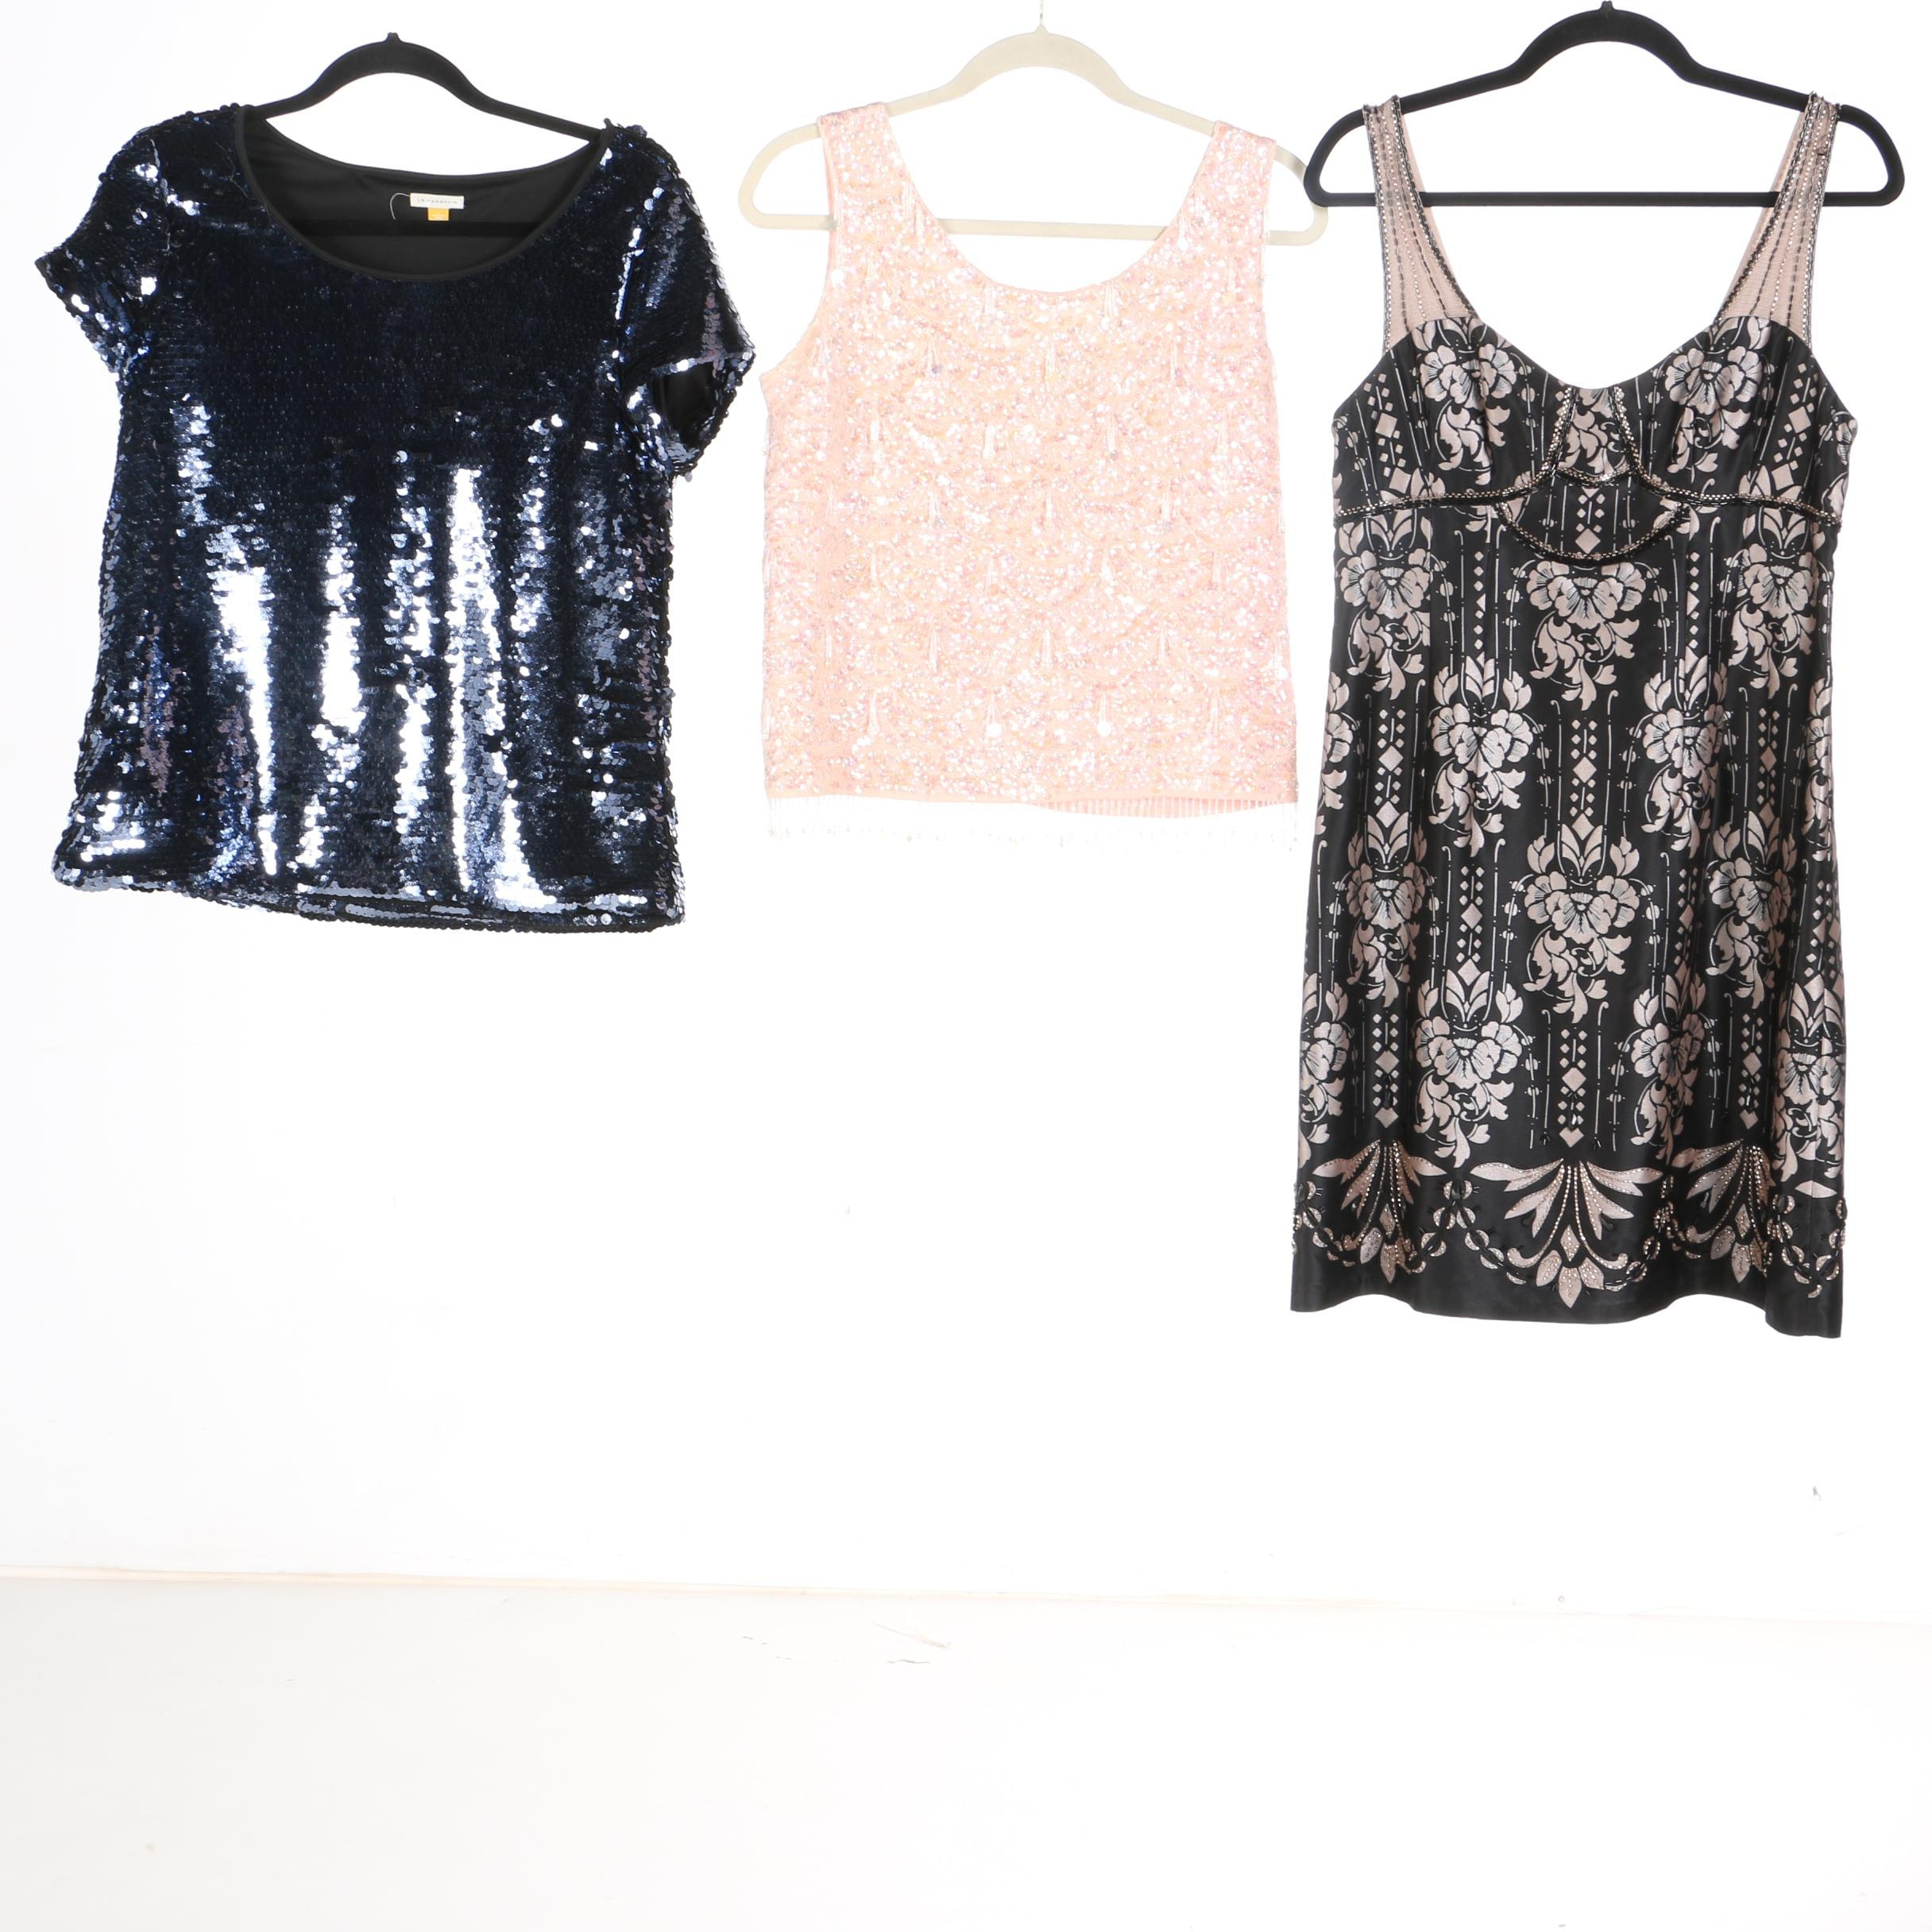 Women's Dress clothes Including Leifsdottir